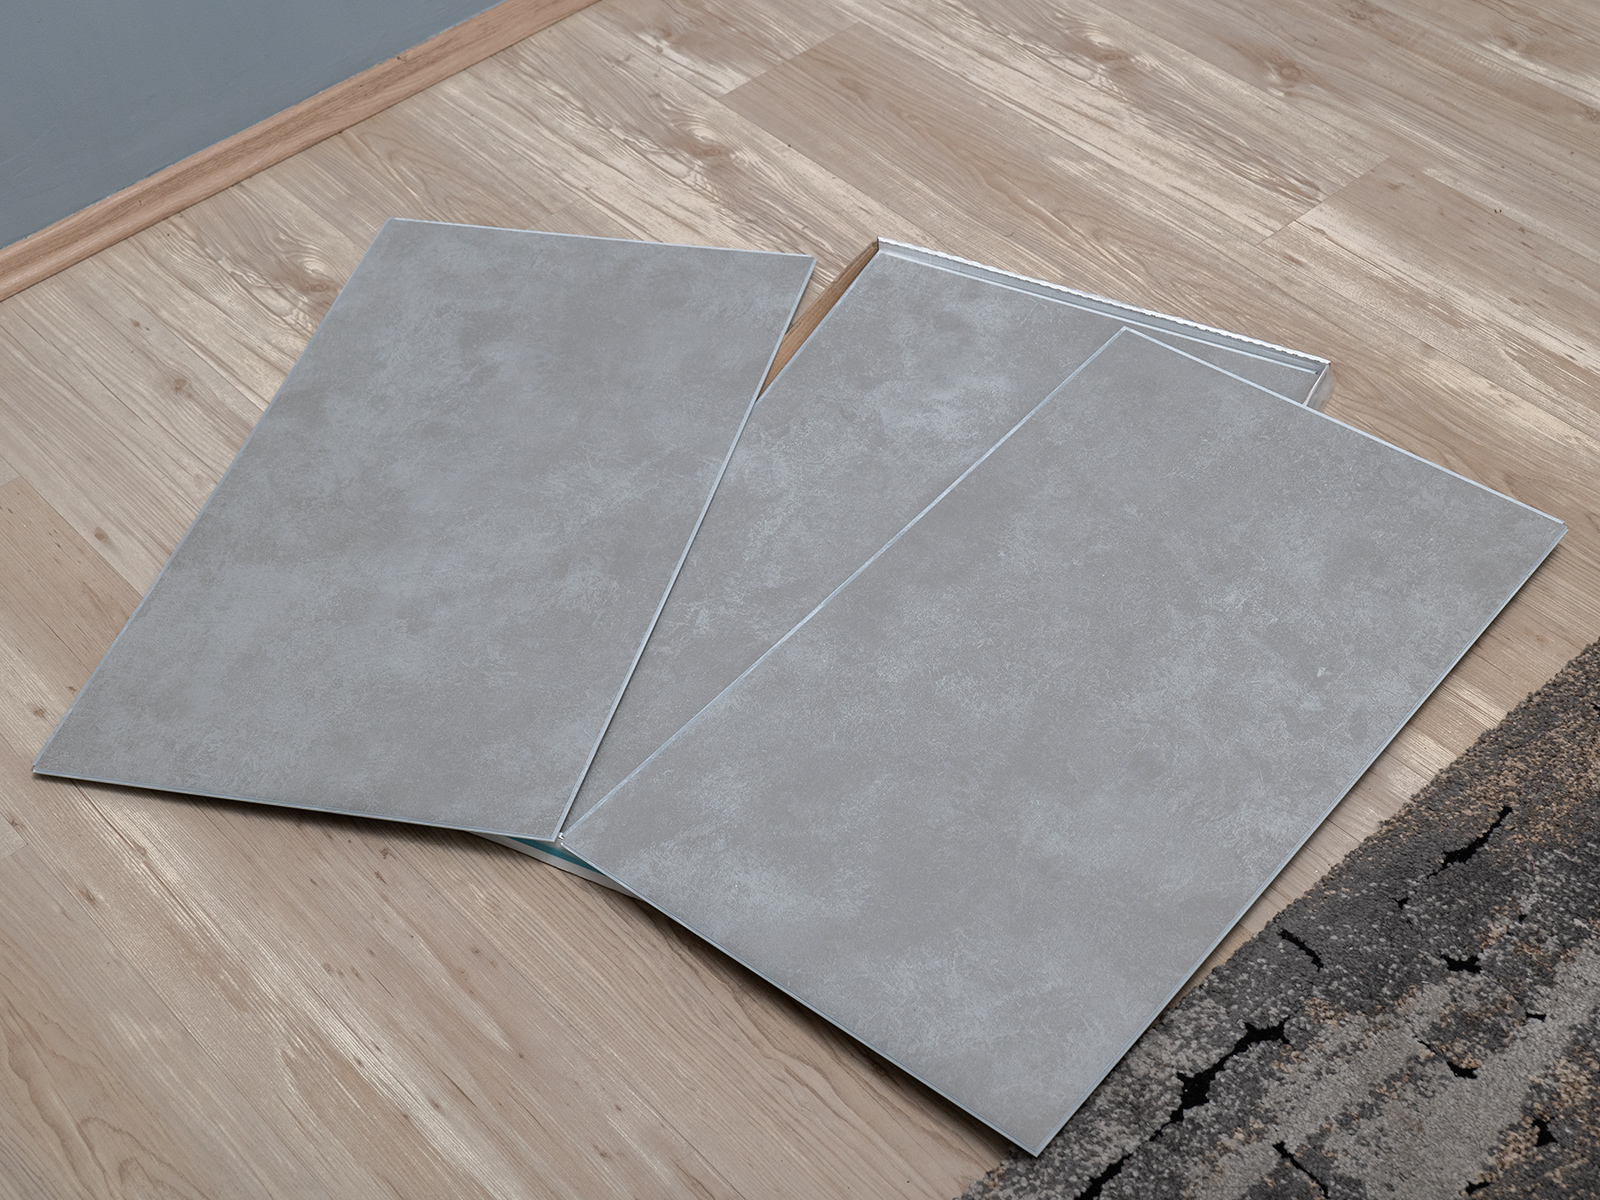 70x42 cm méretű fali burkolólapok.